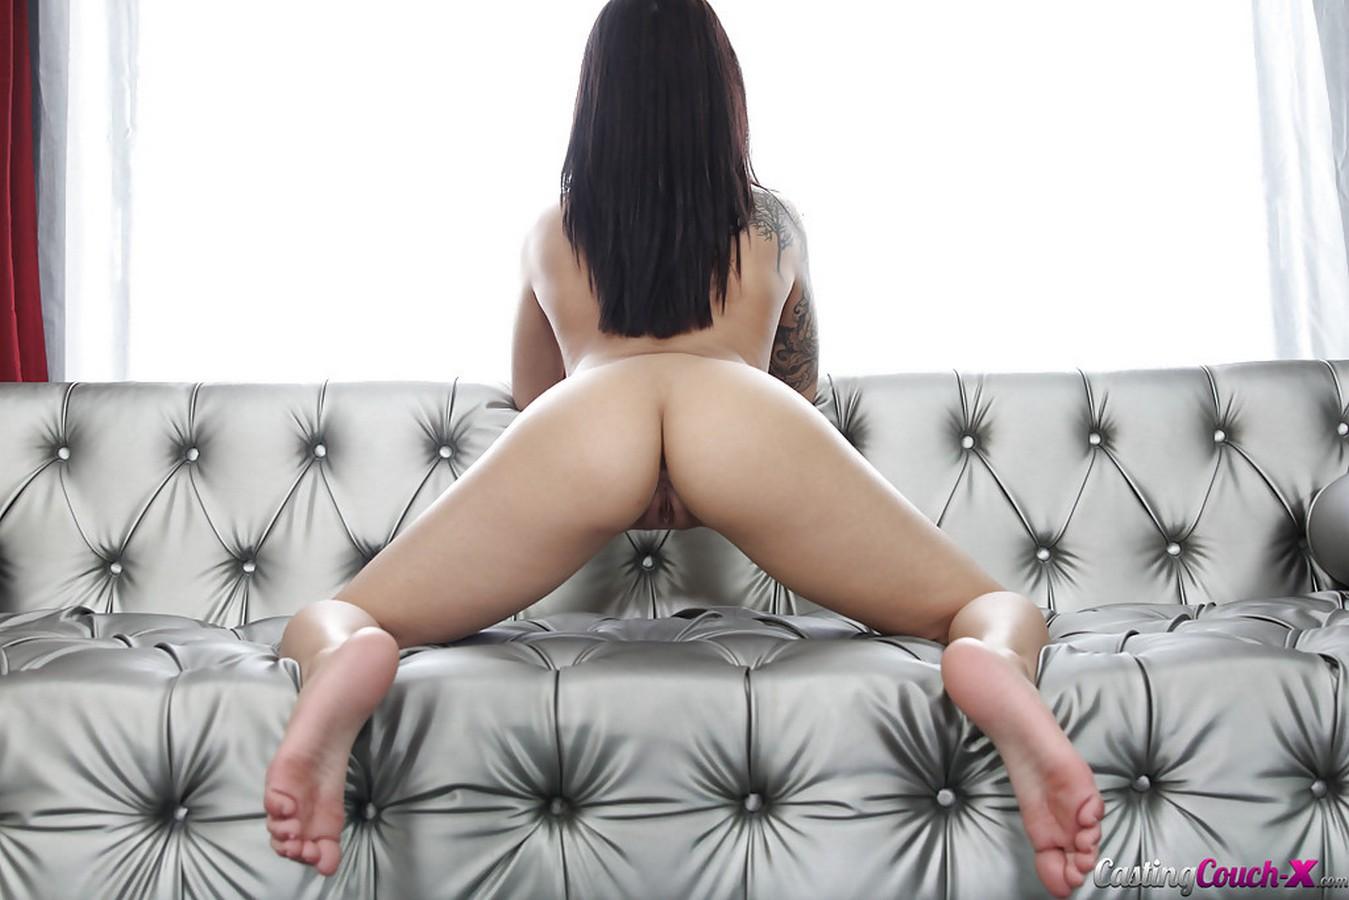 Молоденькая брюнеточка с громадной, висячей грудью фотографируется на кастинге